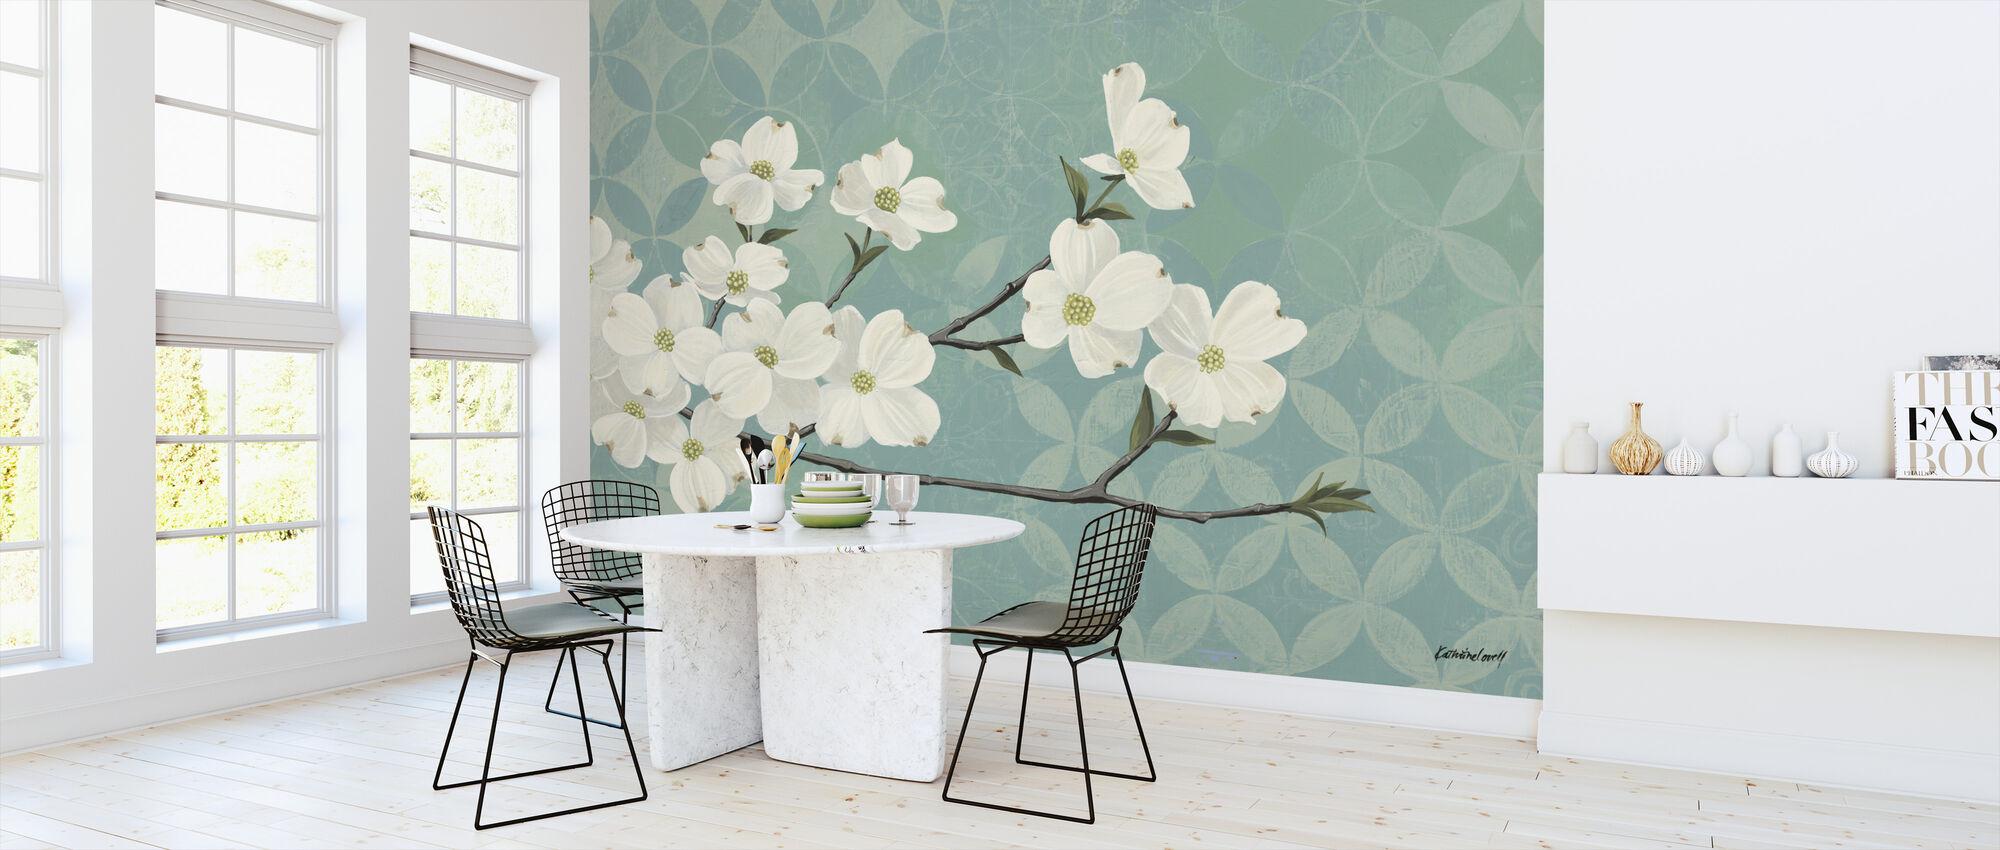 Dogwood Blossoms - Wallpaper - Kitchen